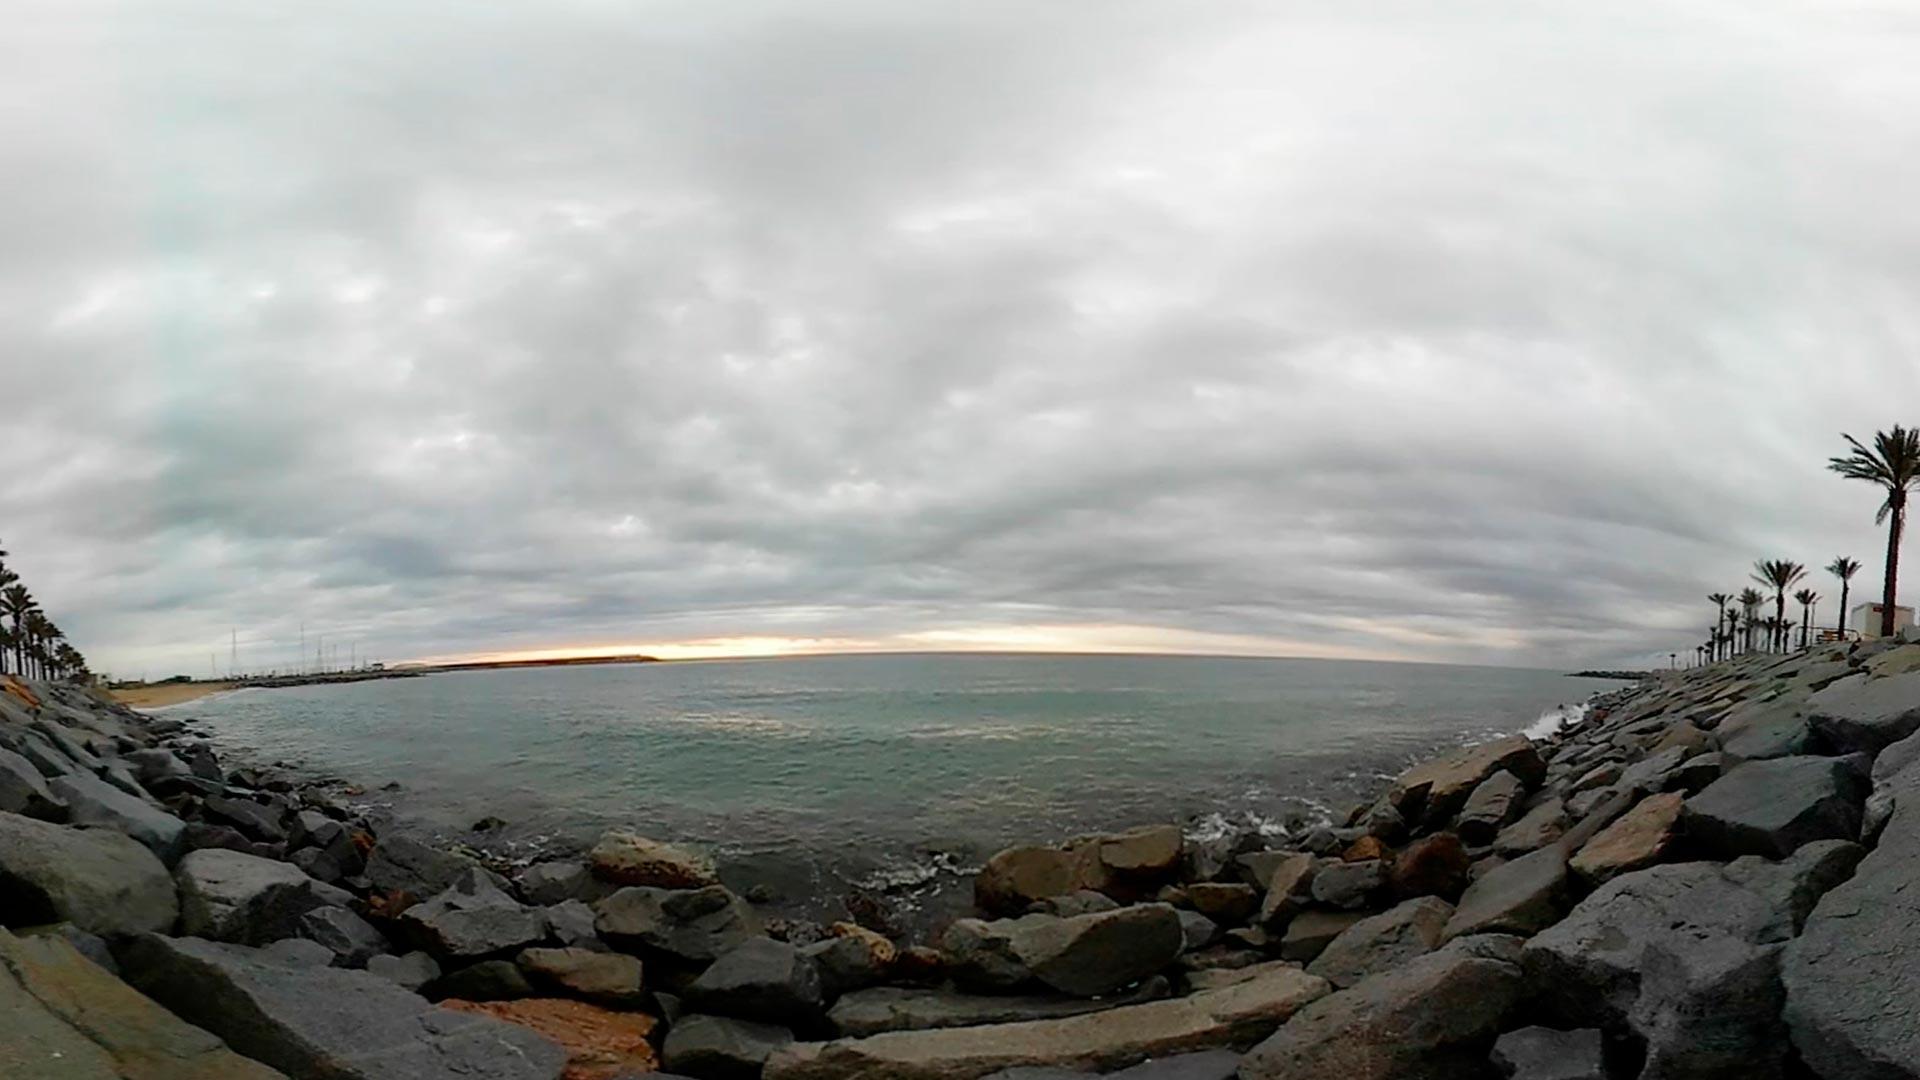 Vídeos del MAR y PLAYAS en 360 grados - VÍDEOS 360º GRATIS